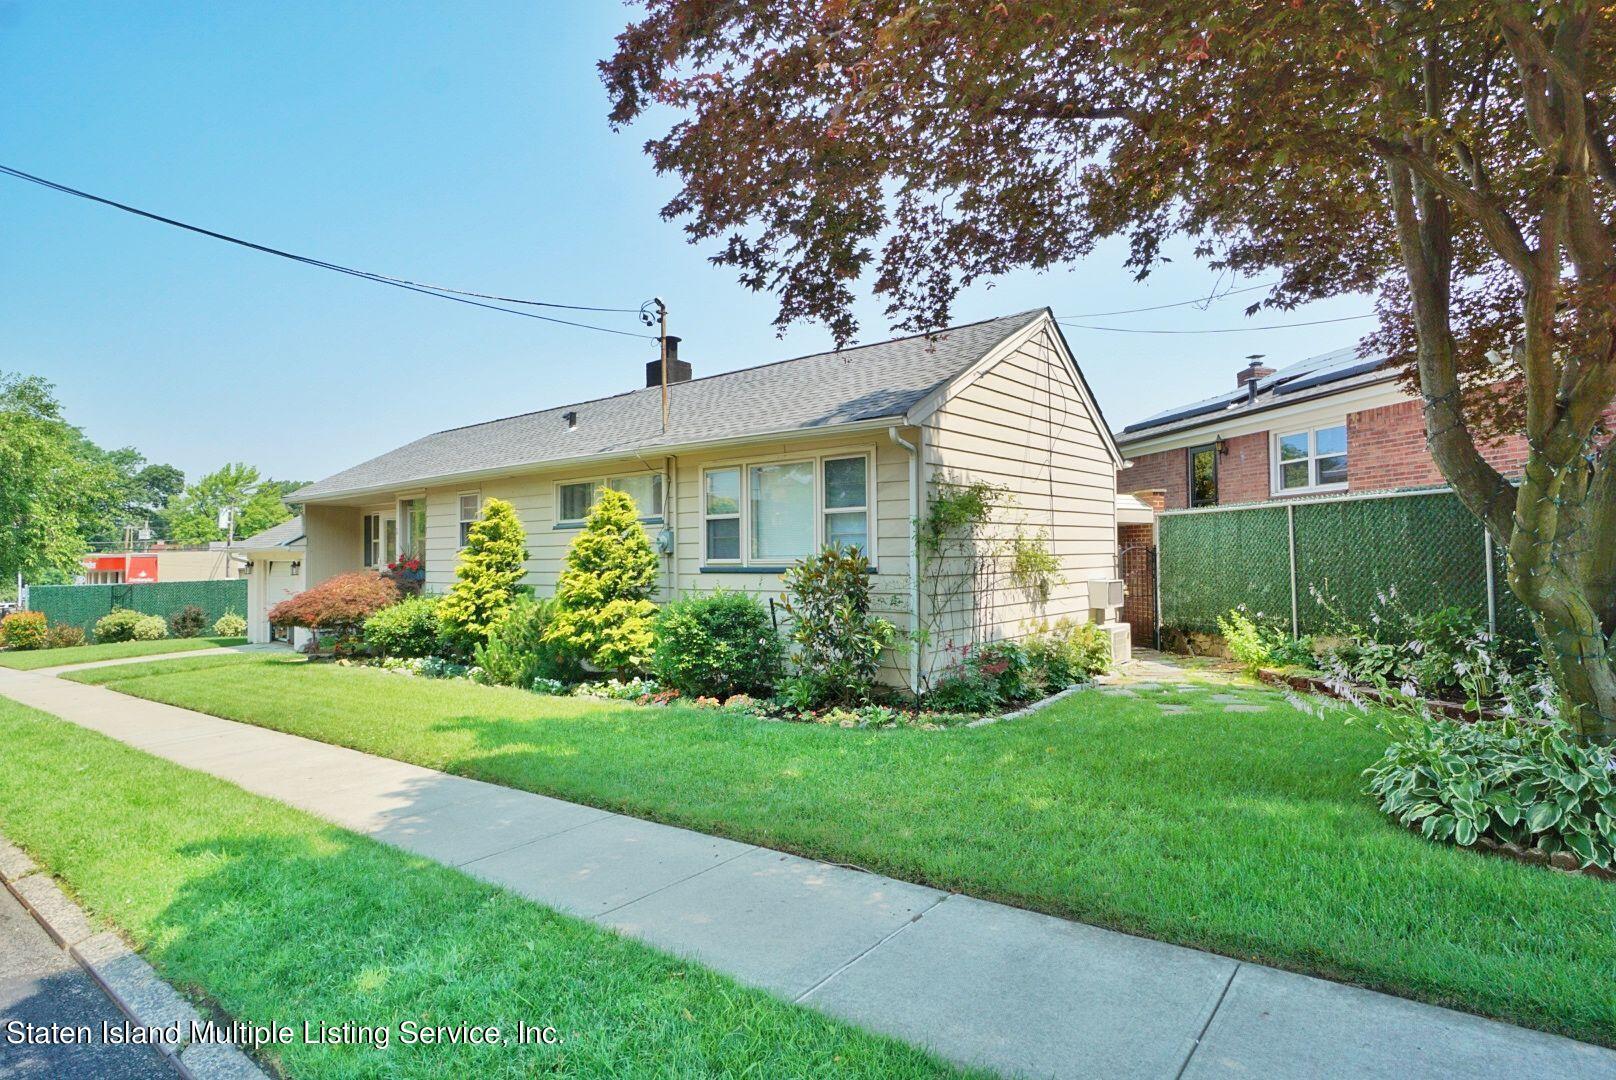 Single Family - Detached 29 City Boulevard  Staten Island, NY 10301, MLS-1147694-5